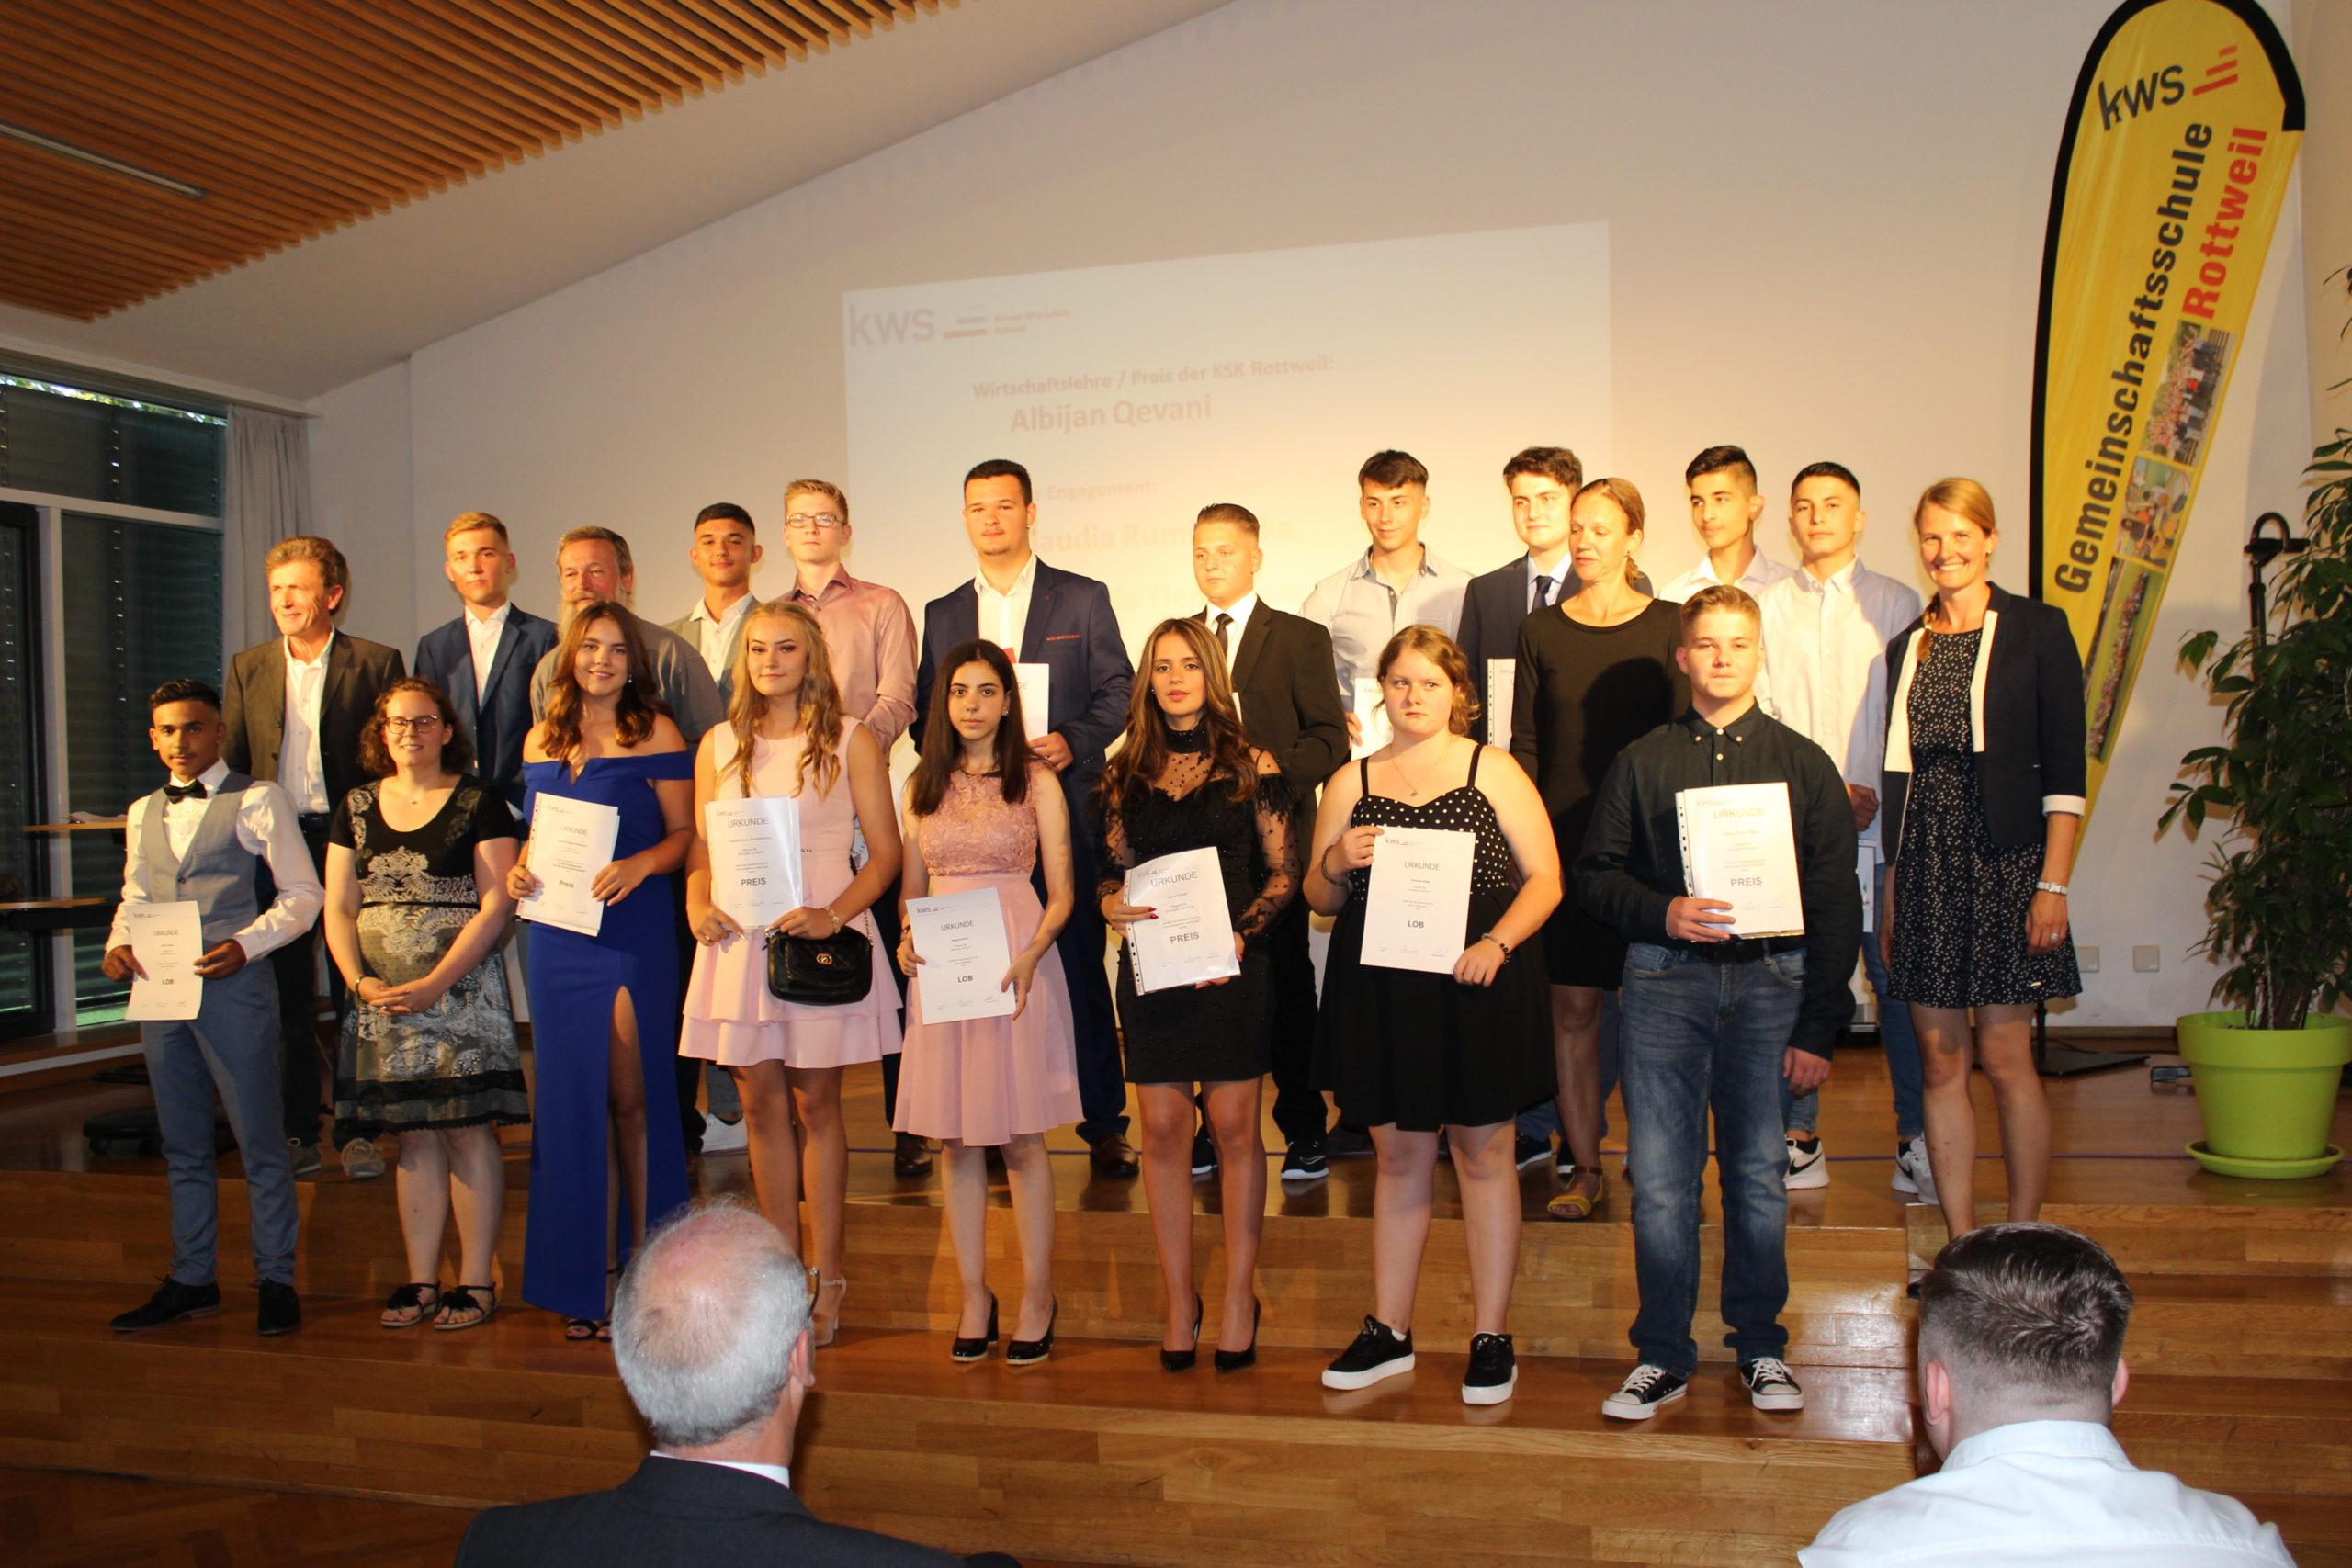 2019-07 Preisträger 9 KWS